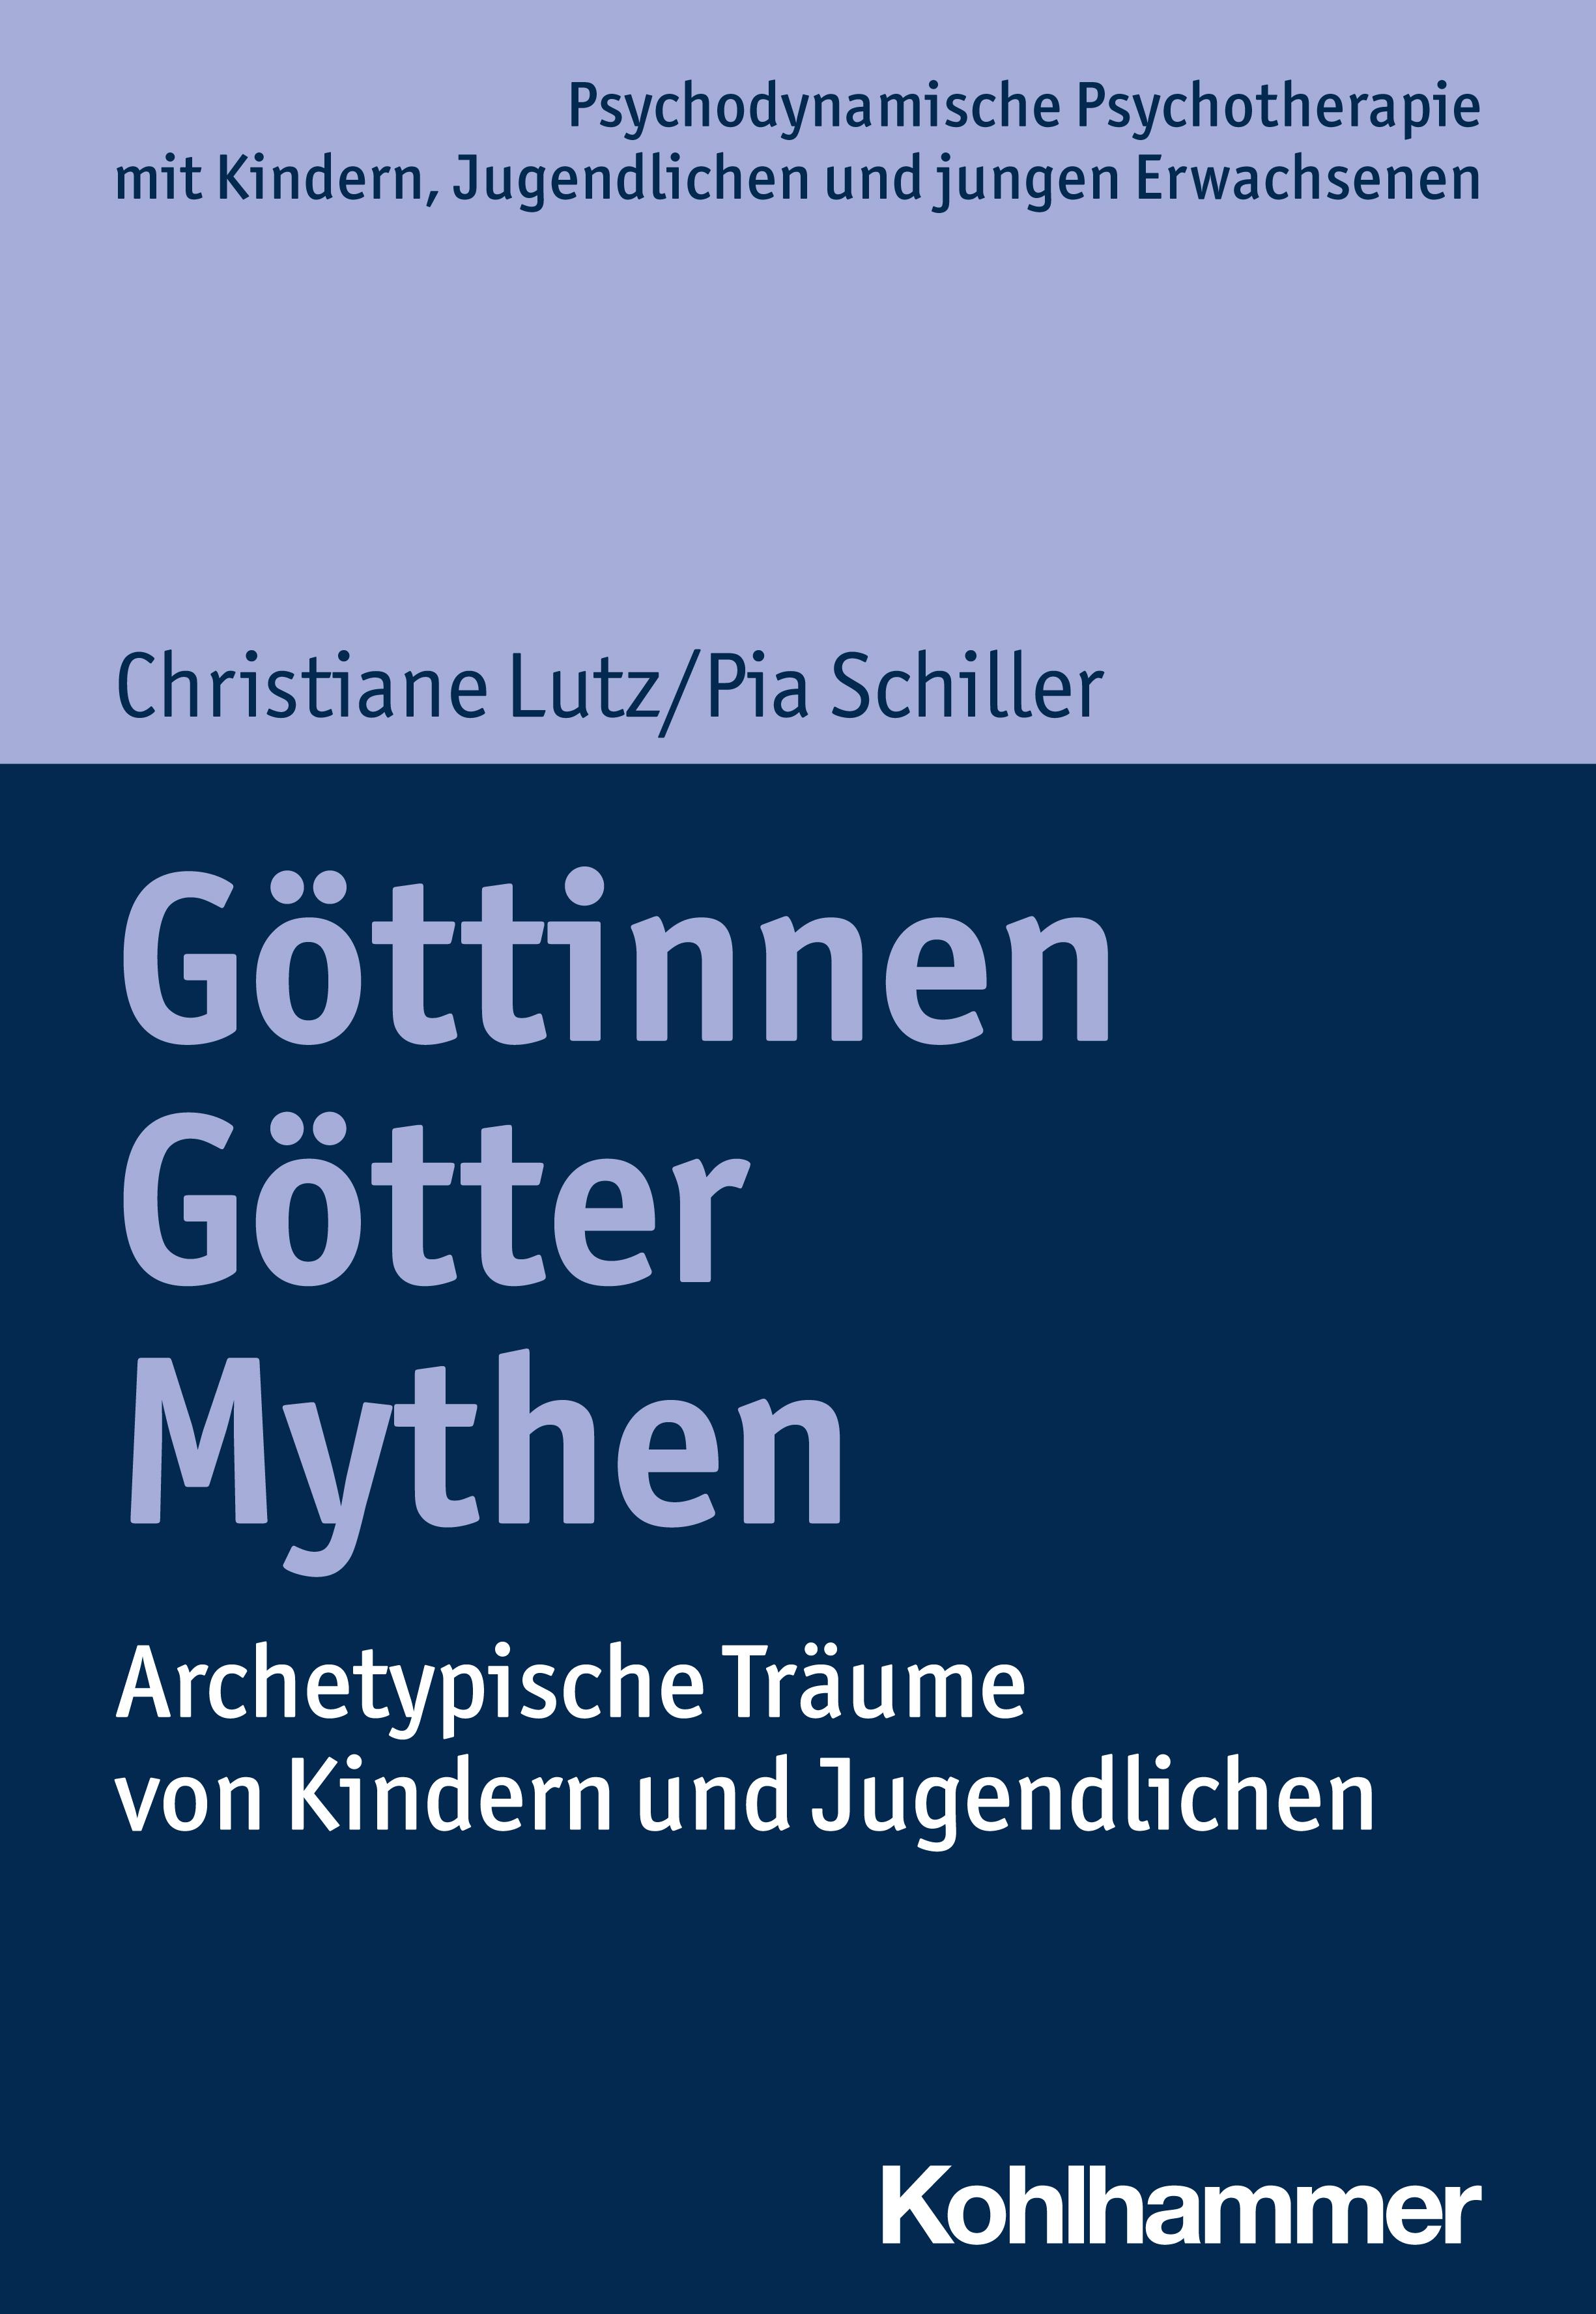 Göttinnen, Götter, Mythen